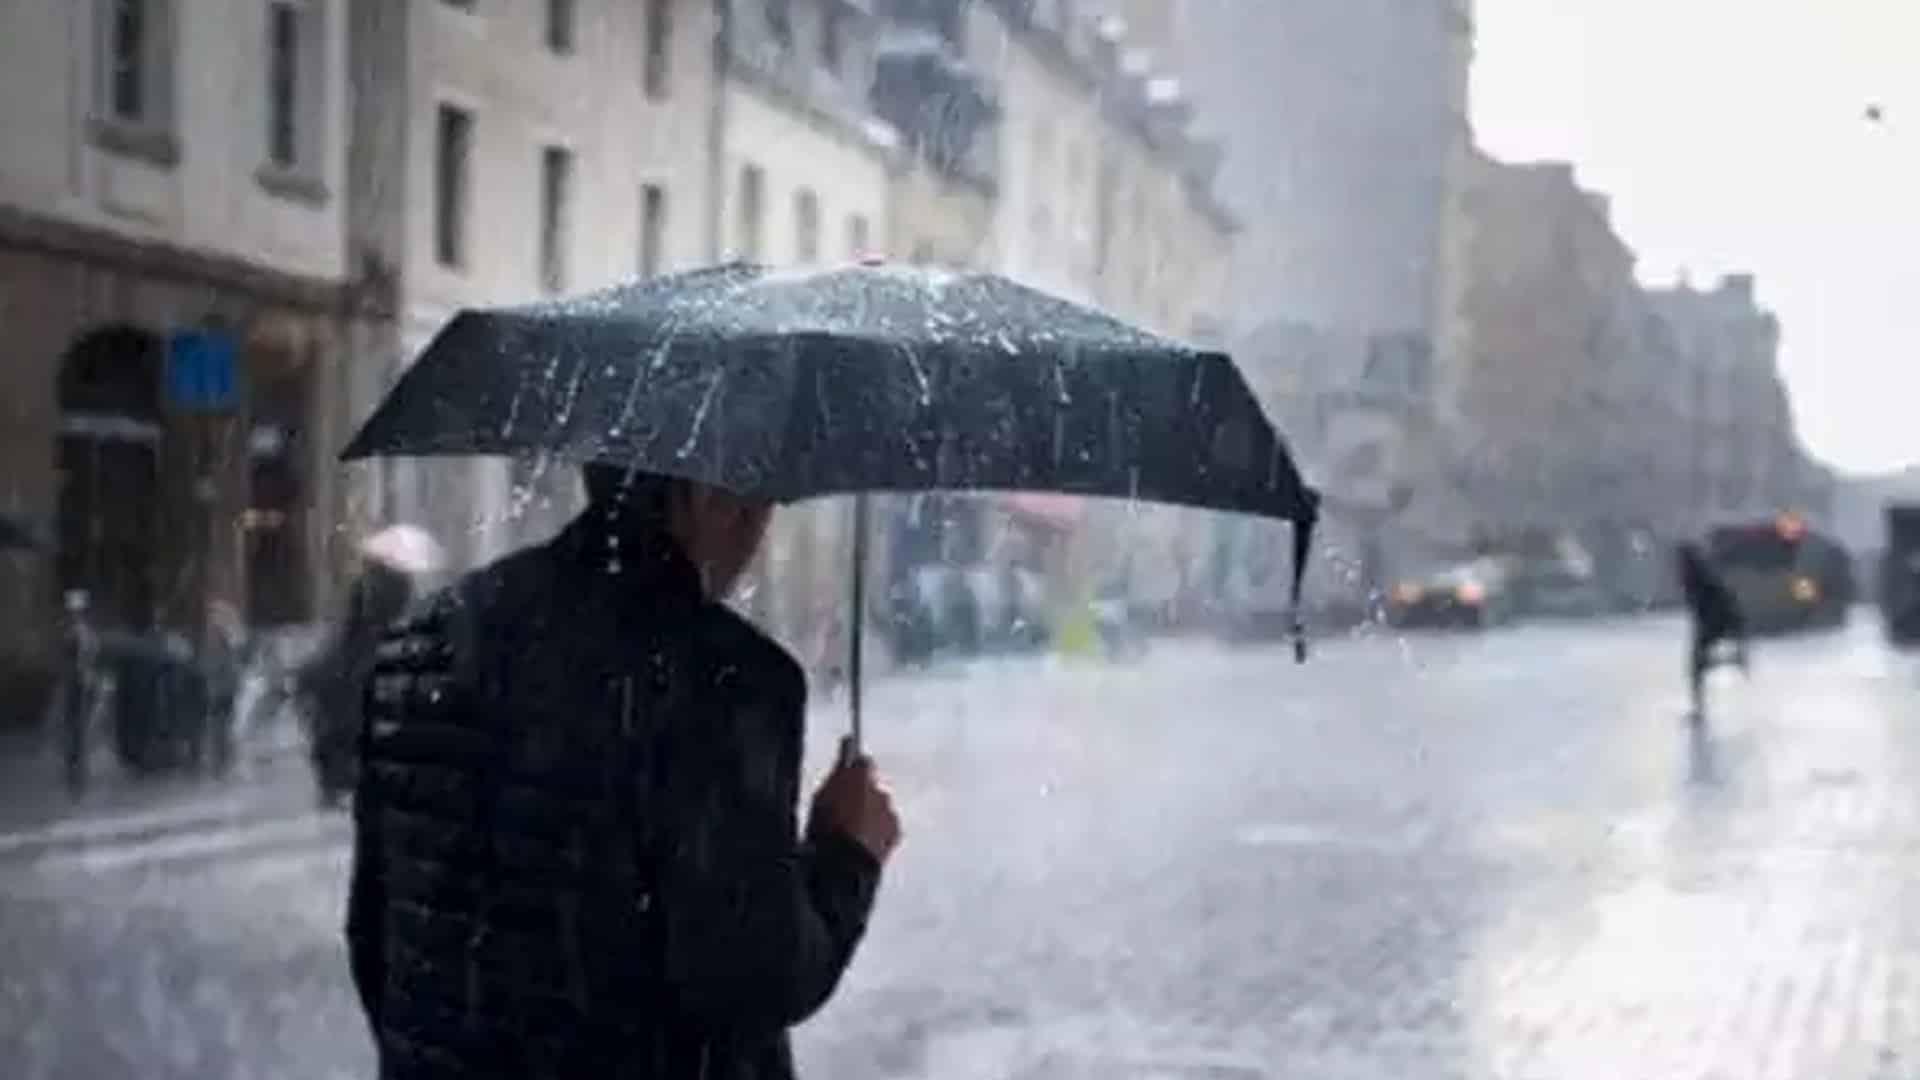 Météo Algérie annonce de fortes pluies orageuses sur ces wilayas